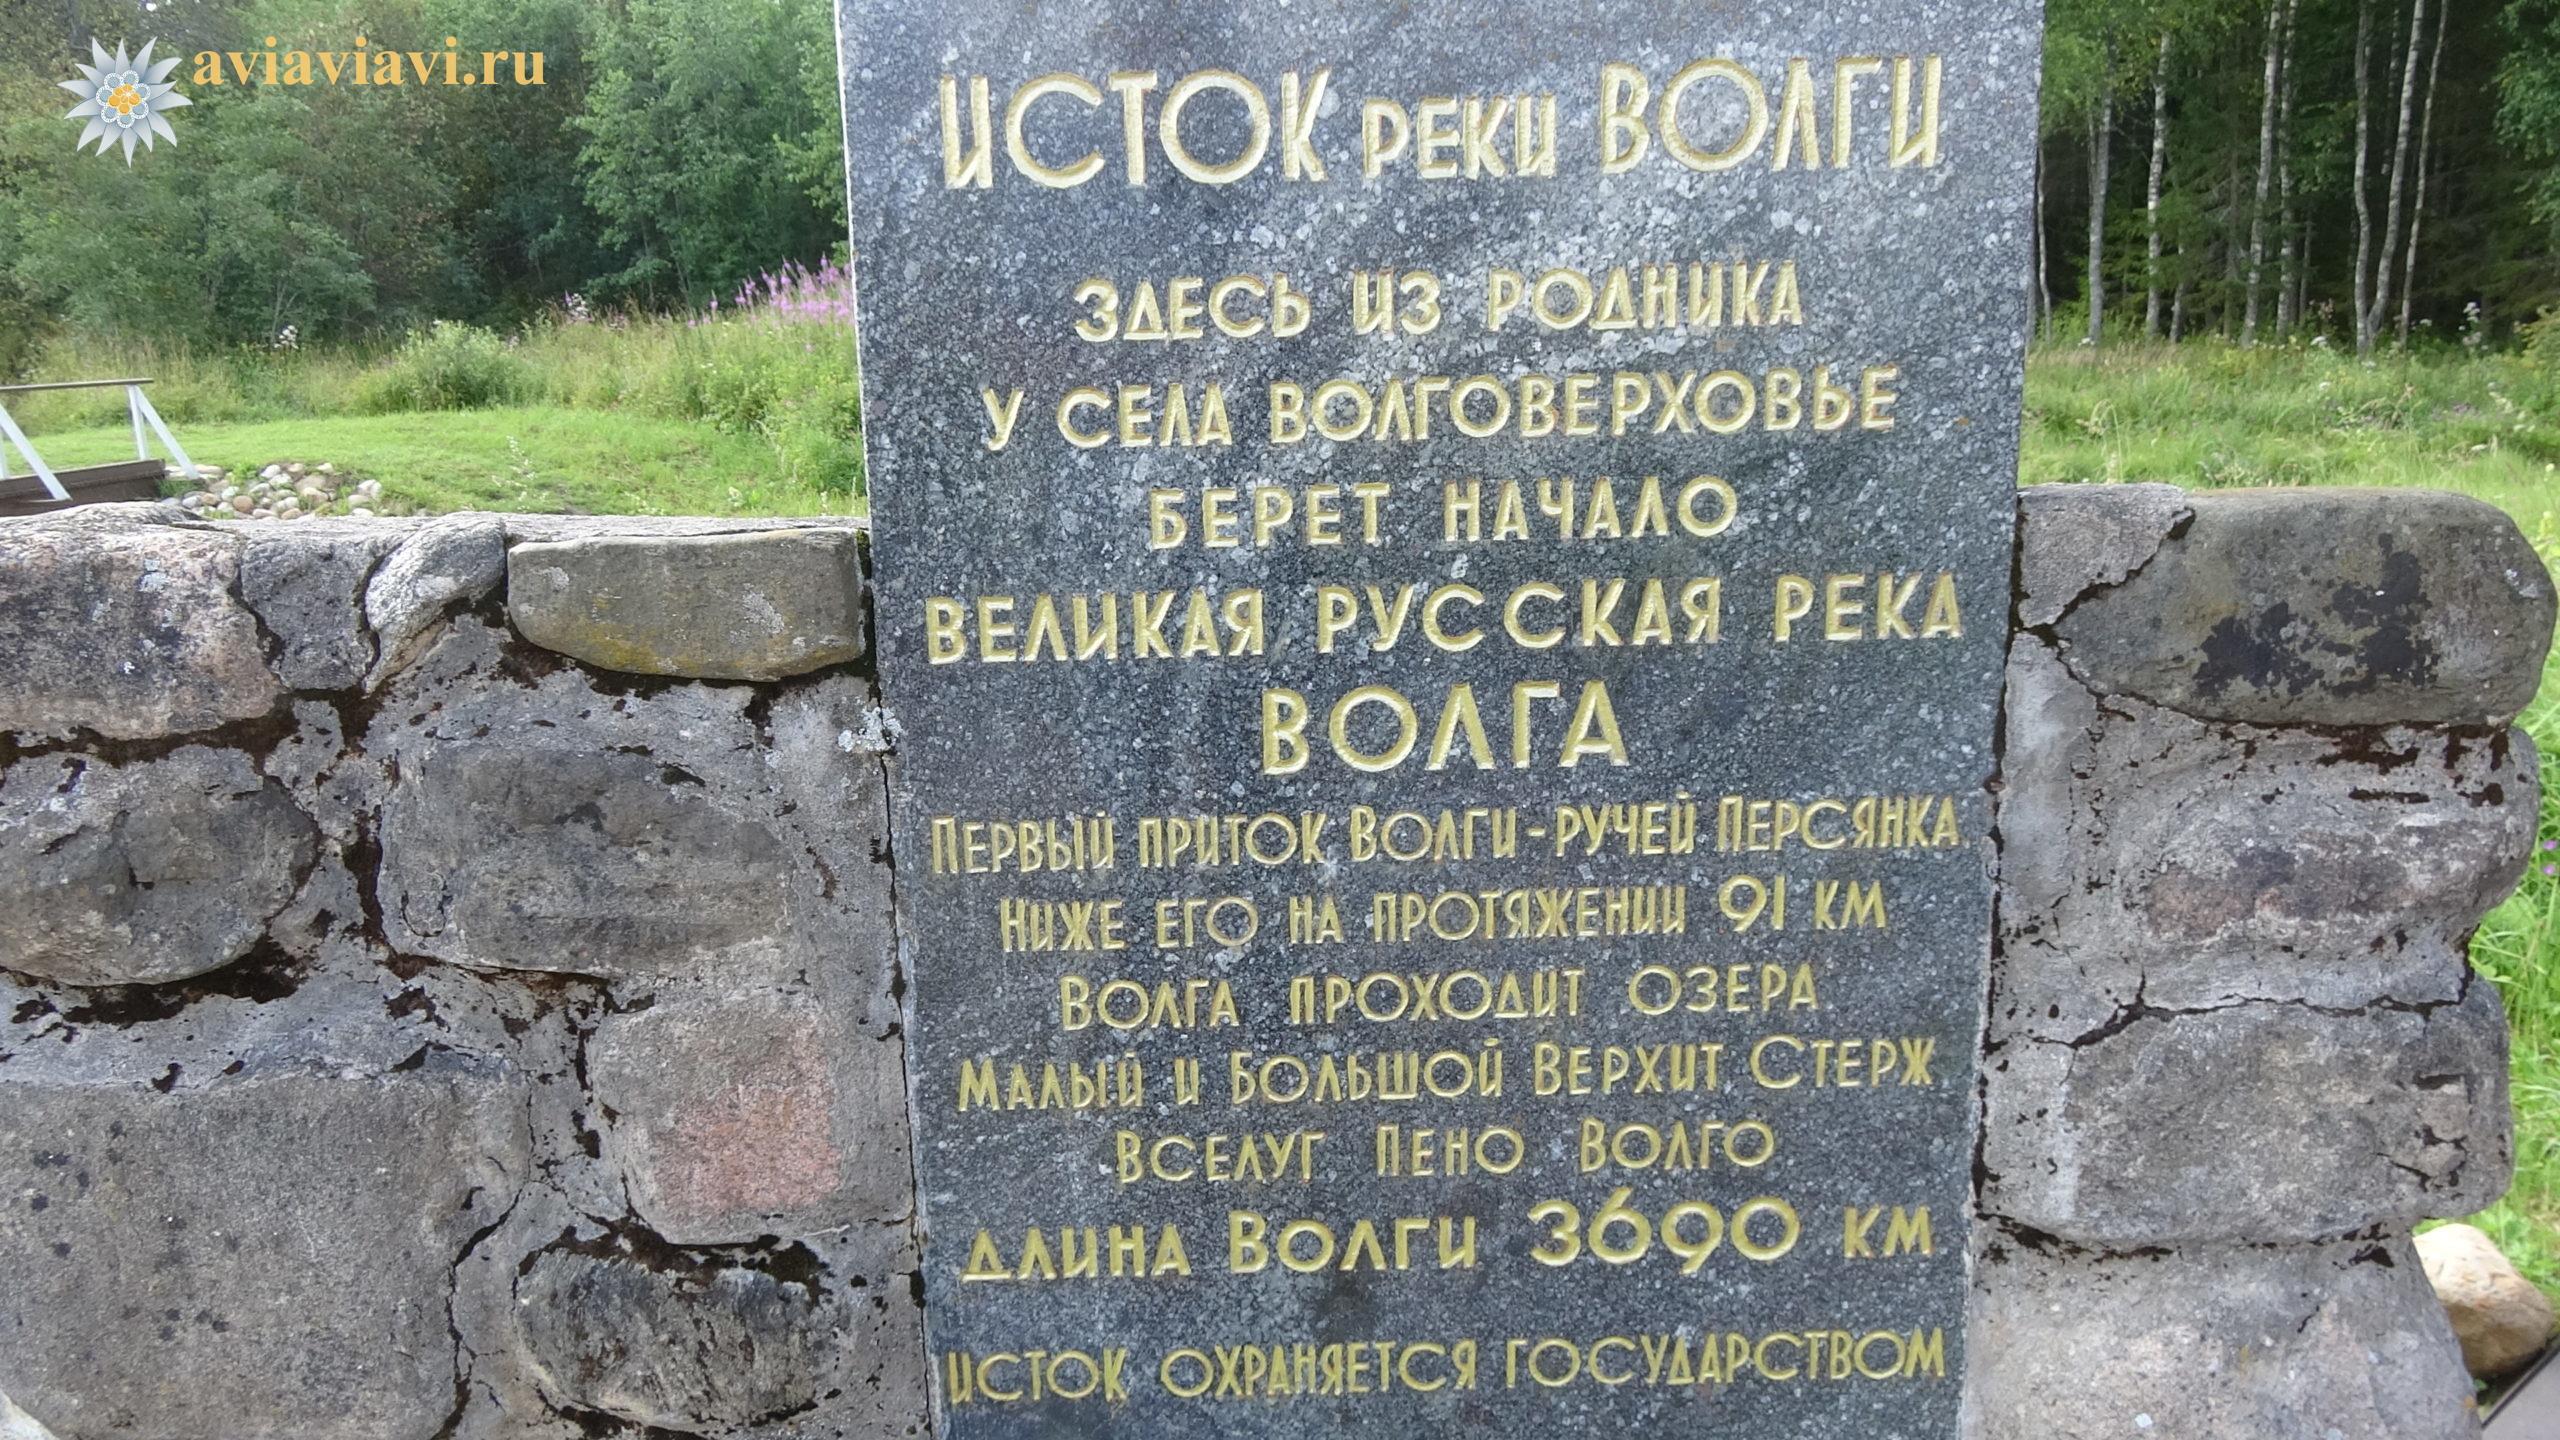 Истока реки Волга